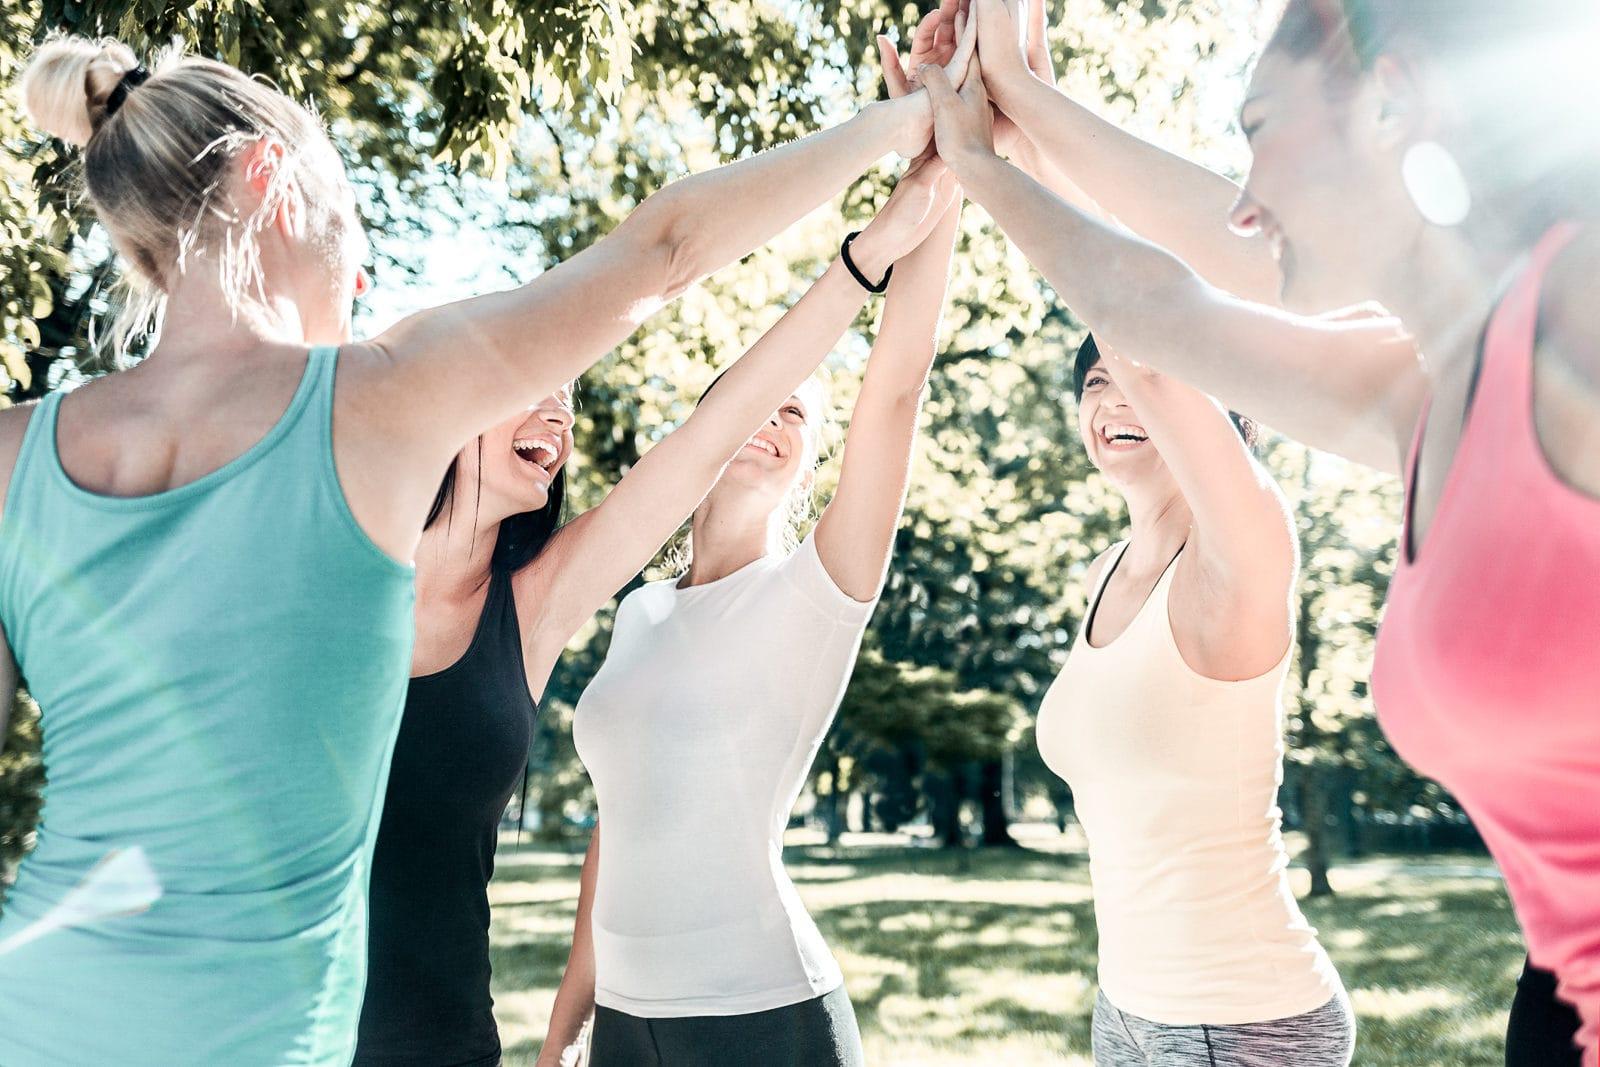 5 Frauen stehen im Kreis und geben sich ein high five